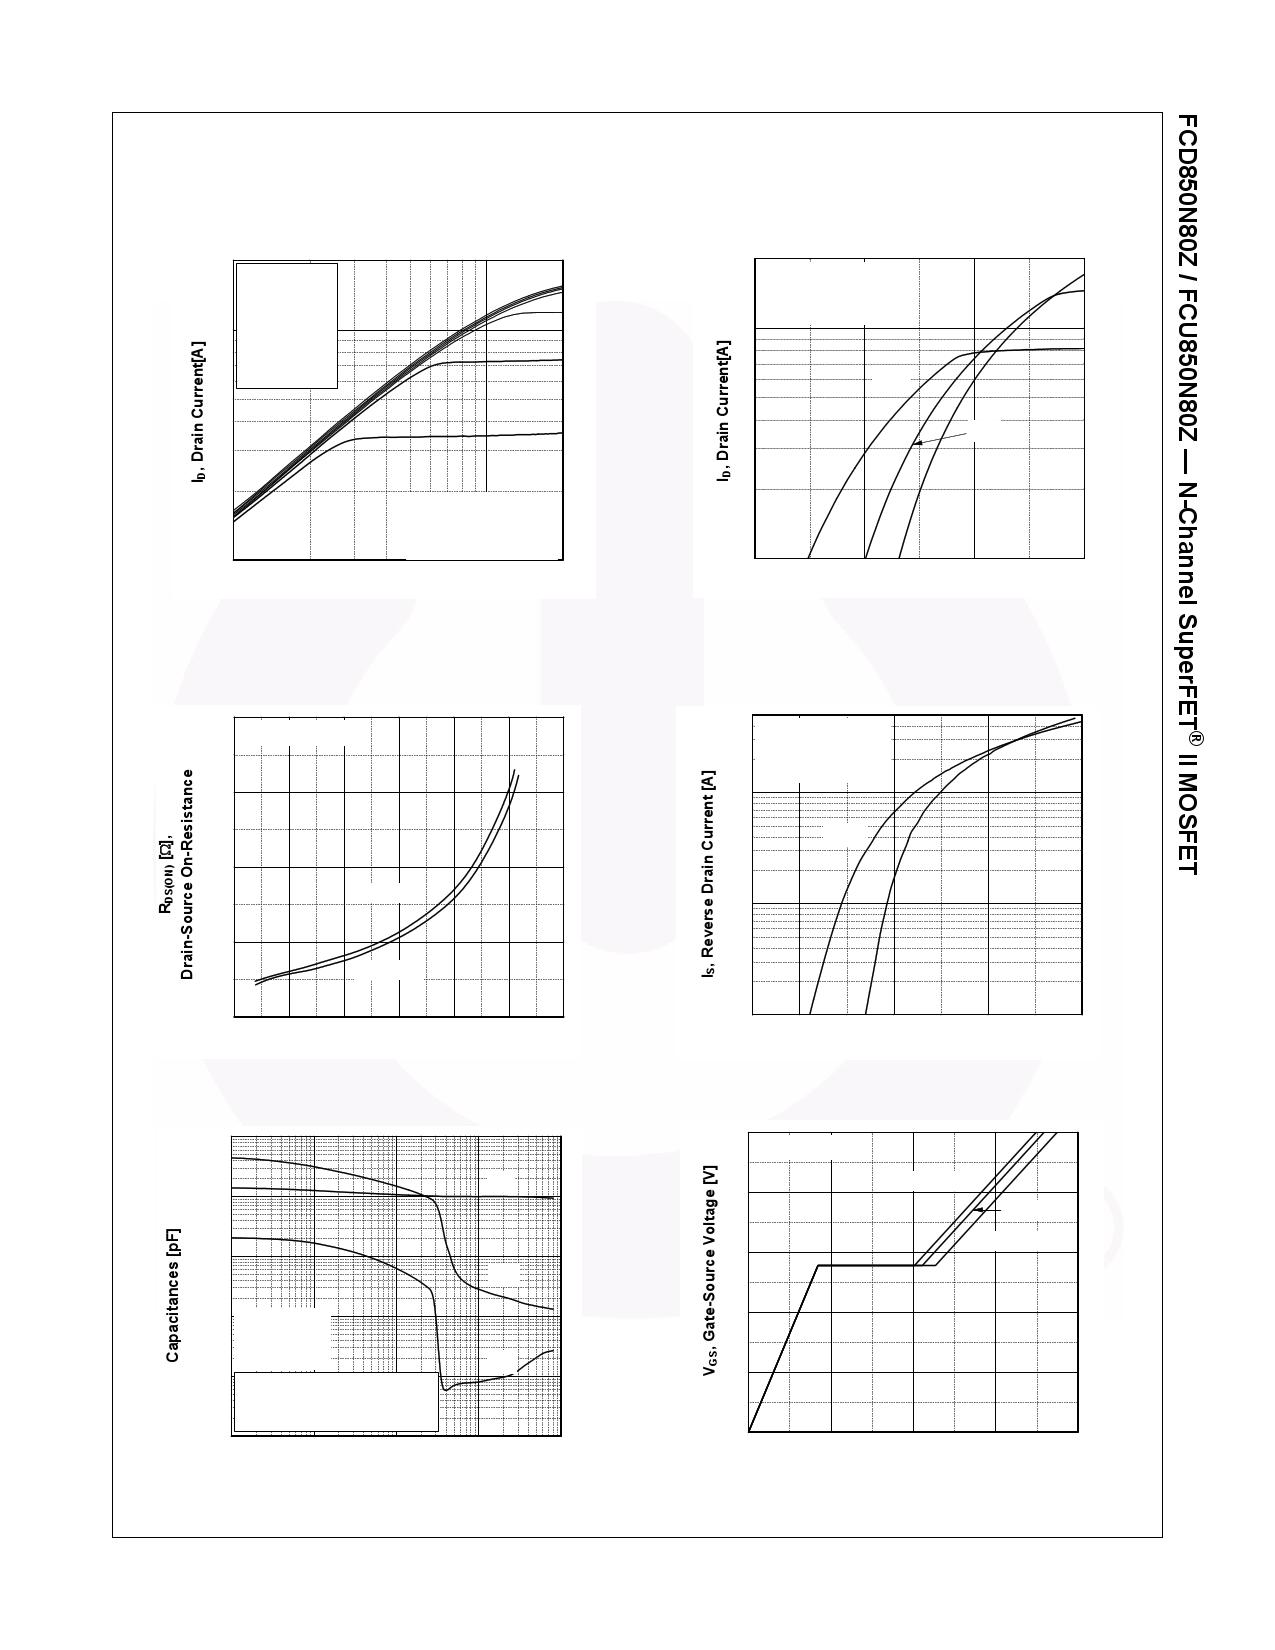 FCU850N80Z pdf, 電子部品, 半導体, ピン配列